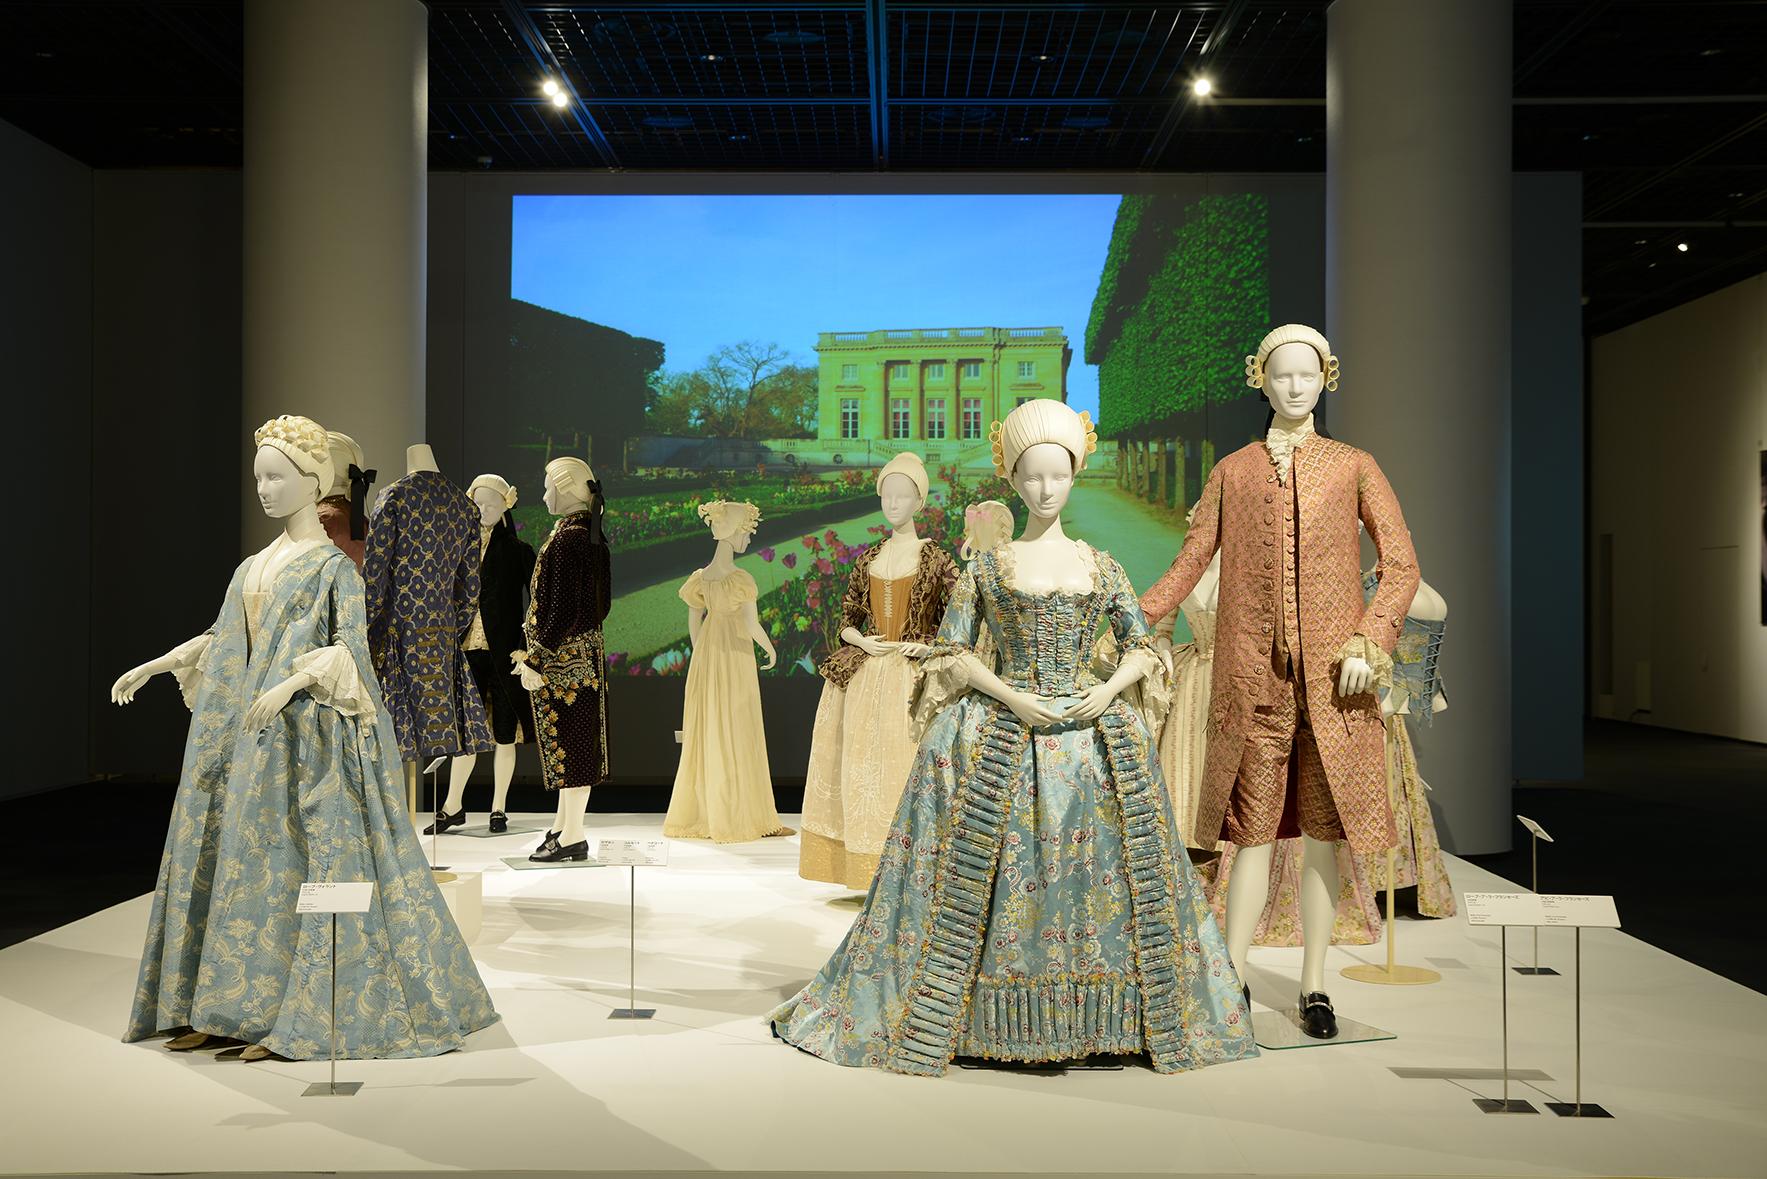 [Treasures of Fashion展]本日無事、閉幕いたしました。たくさんのご来館、ありがとうございました